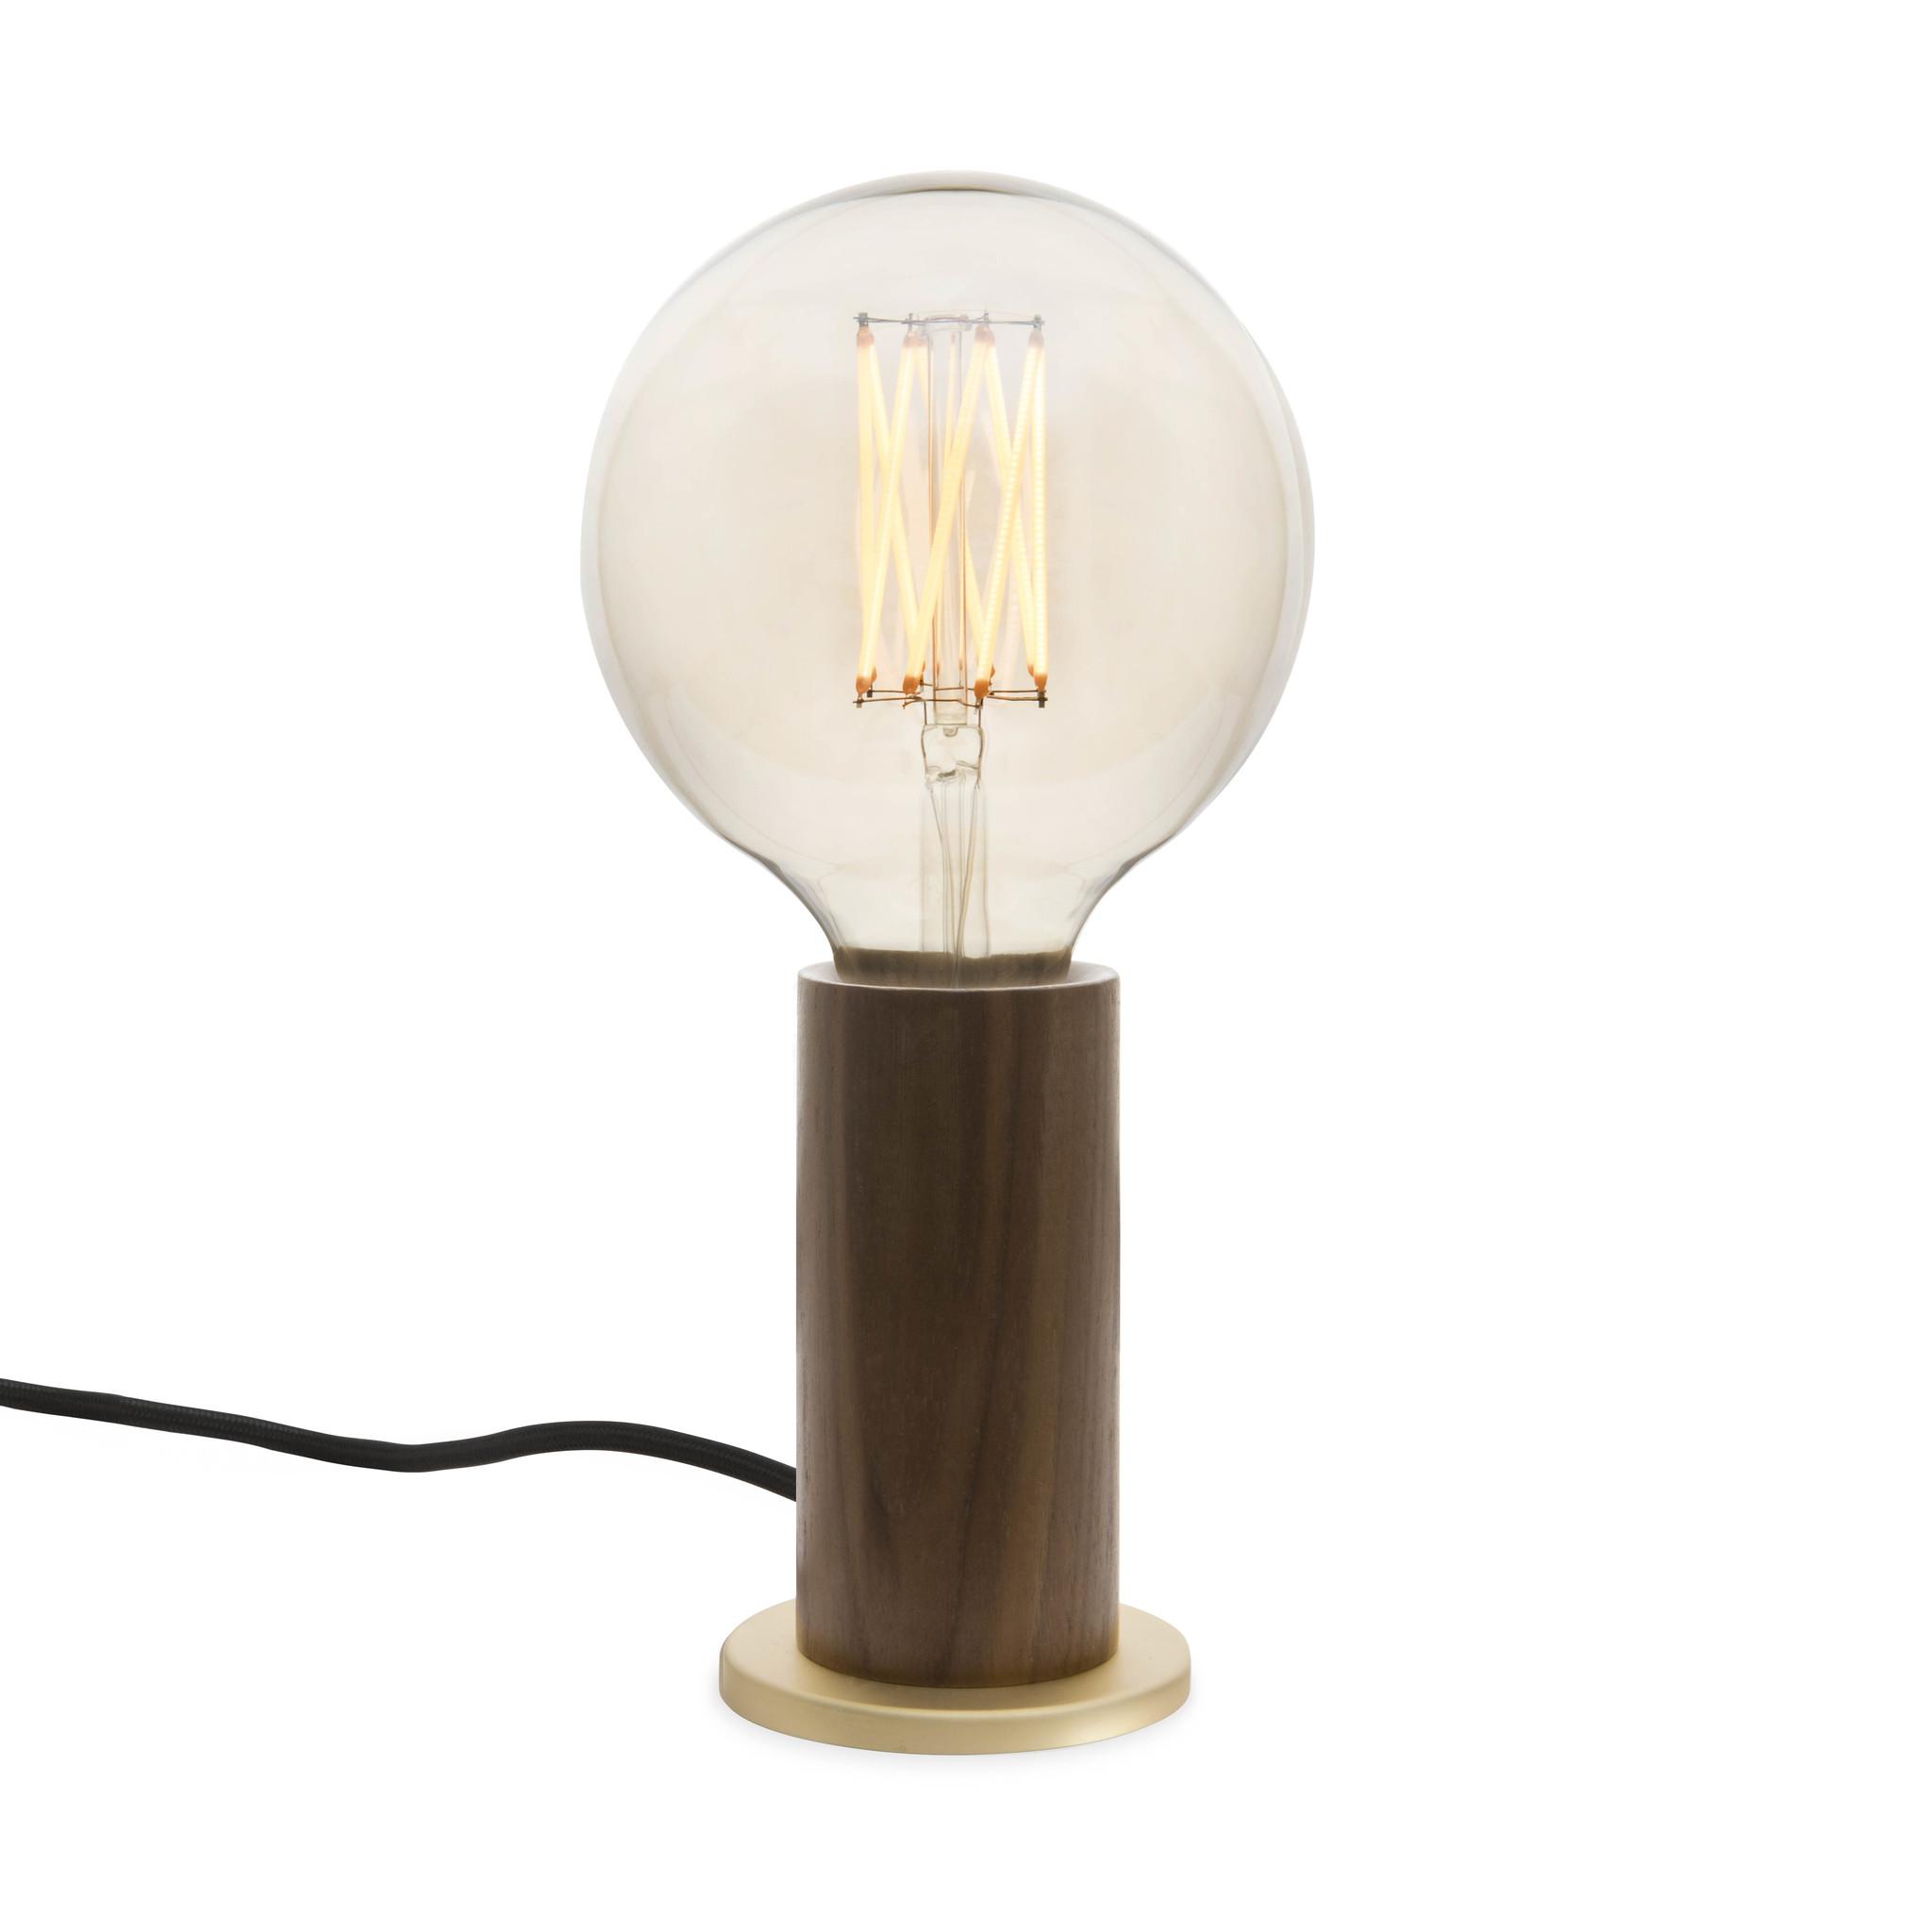 Tala LED Knuckle Tafellamp Walnut